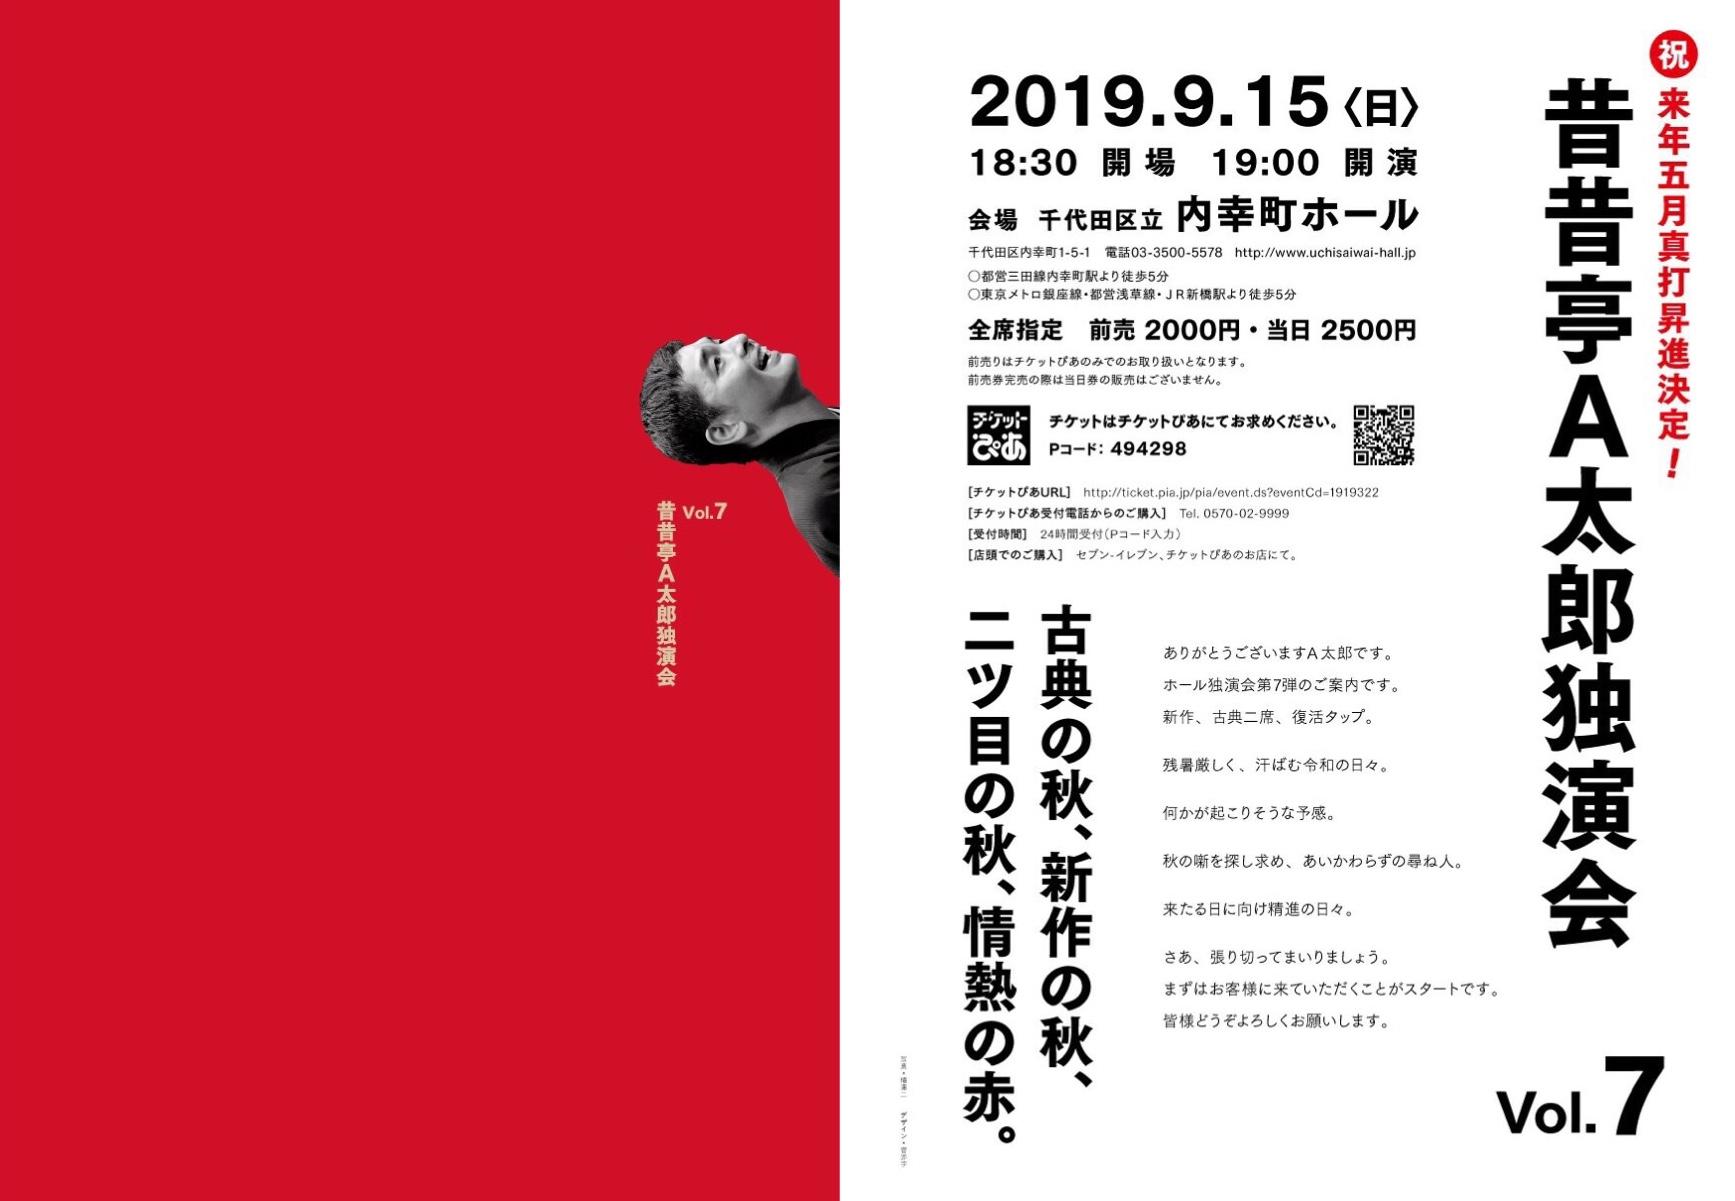 2019.09.15 (Sat.)「昔昔亭A太郎独演会 Vol.7」@内幸町ホール・タップダンスで出演します。